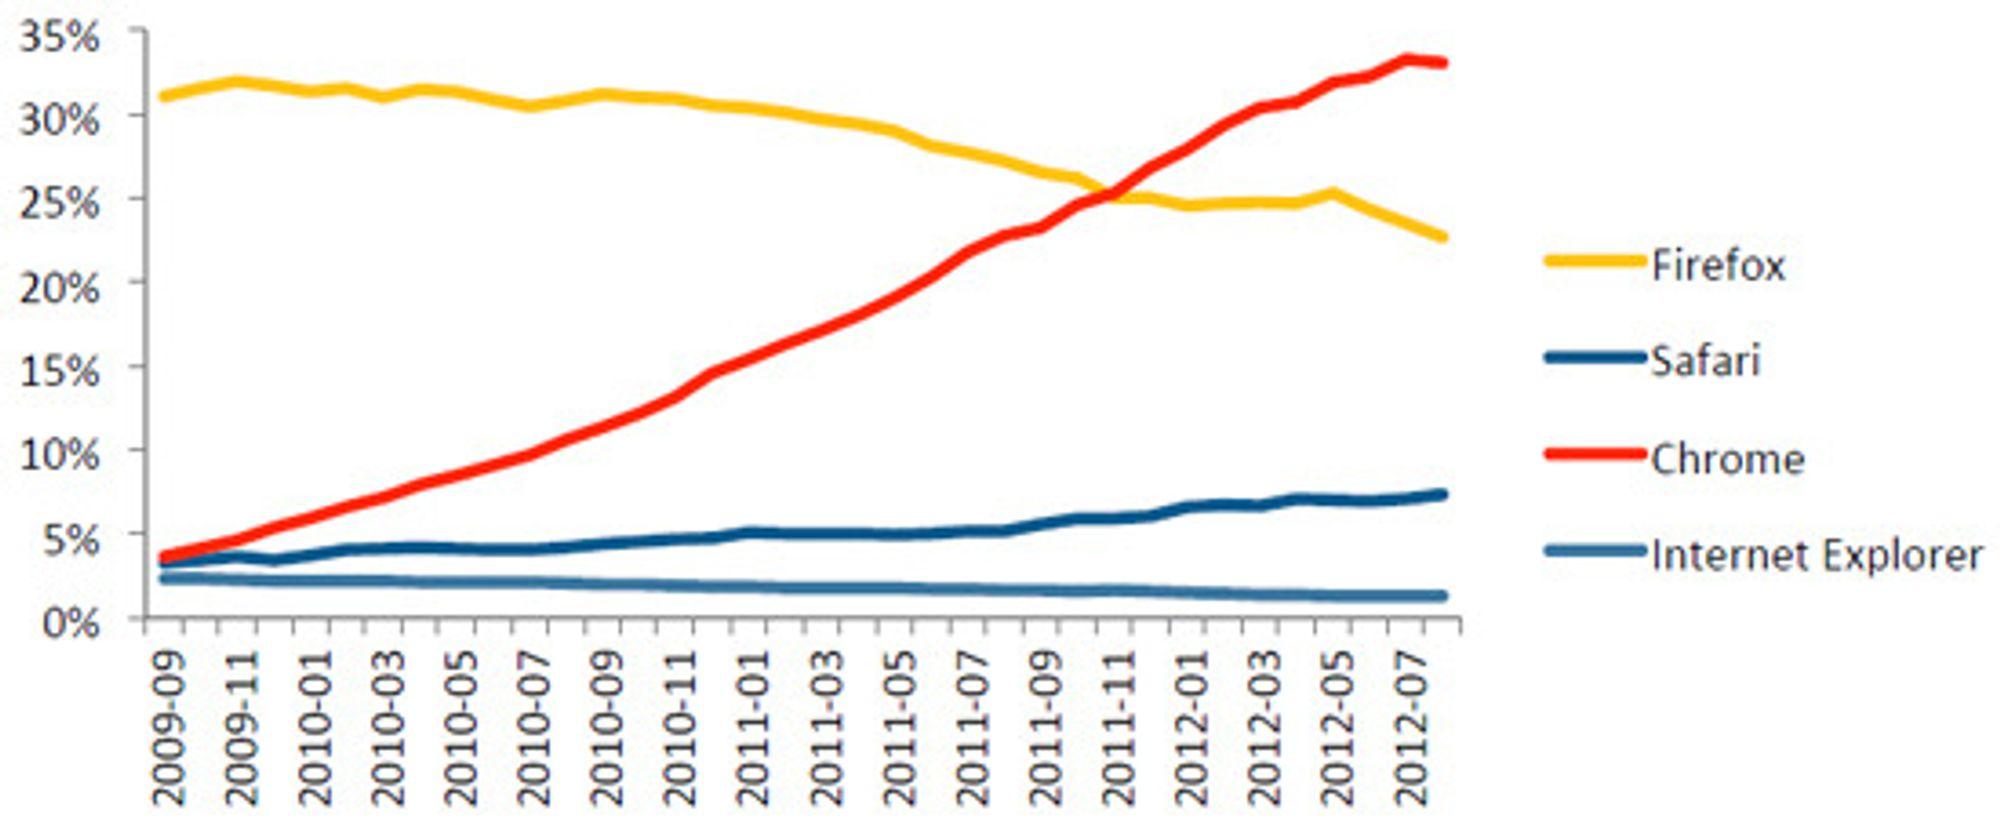 Andel nedlastinger av klikksvindel, per nettleser. Chrome er blitt det viktigste mediet for dem som vil svindle til seg annonsepenger på nett.